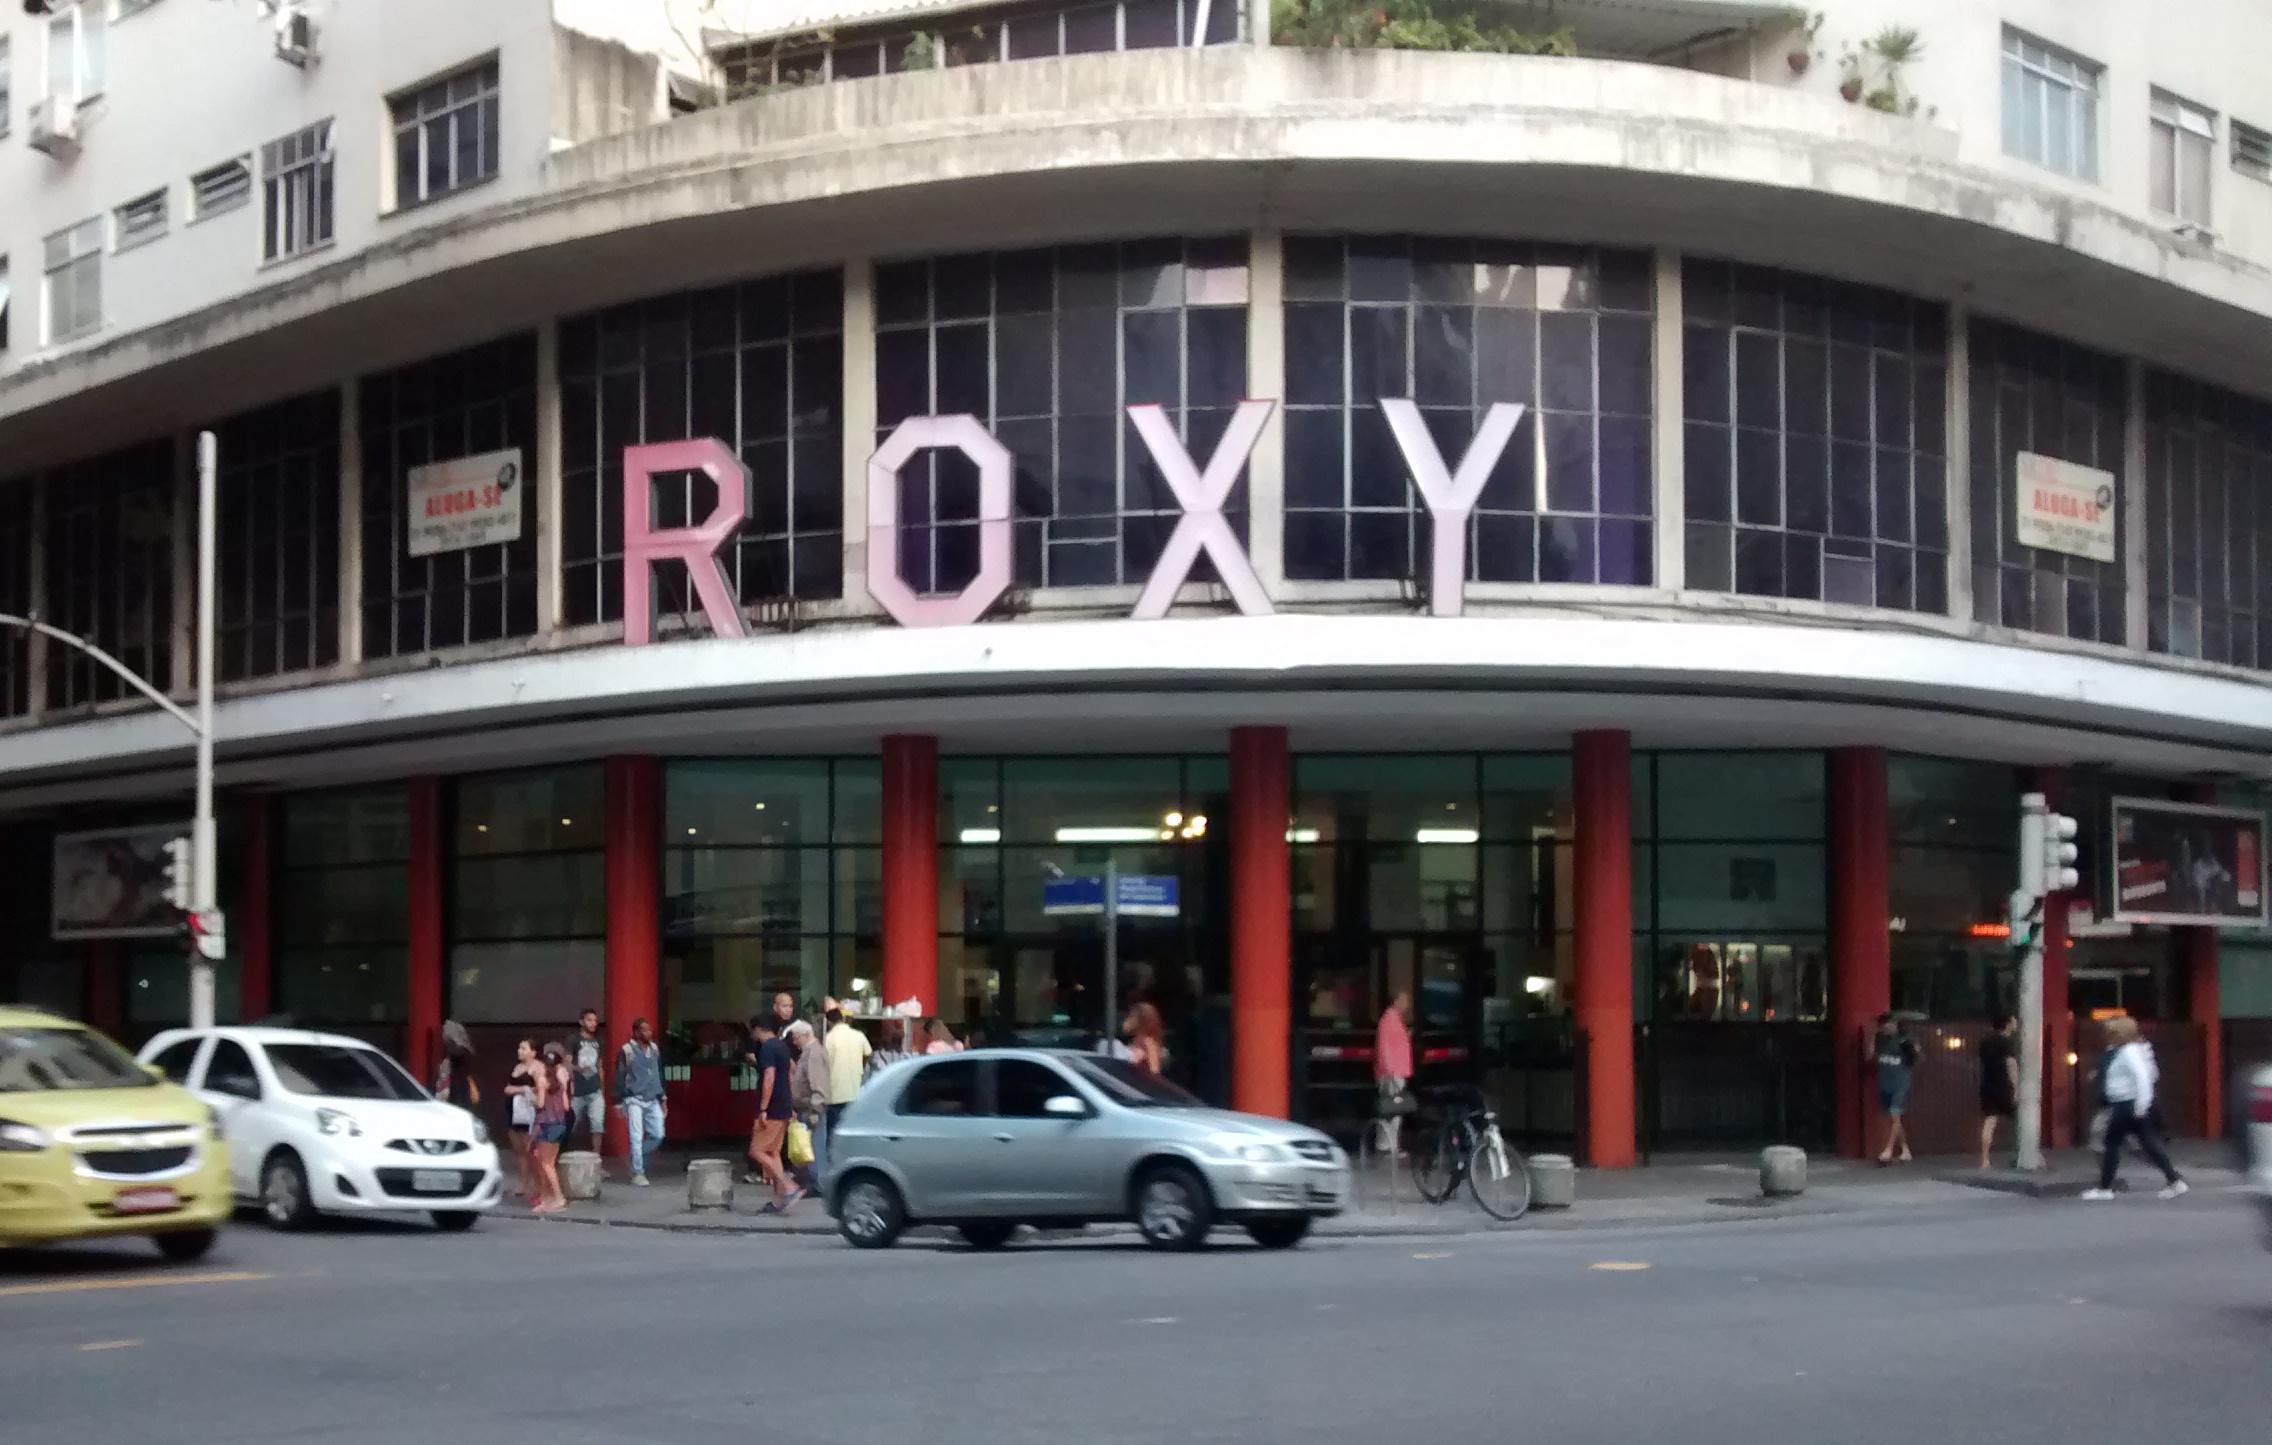 Cine Roxy – Wikipédia, a enciclopédia livre